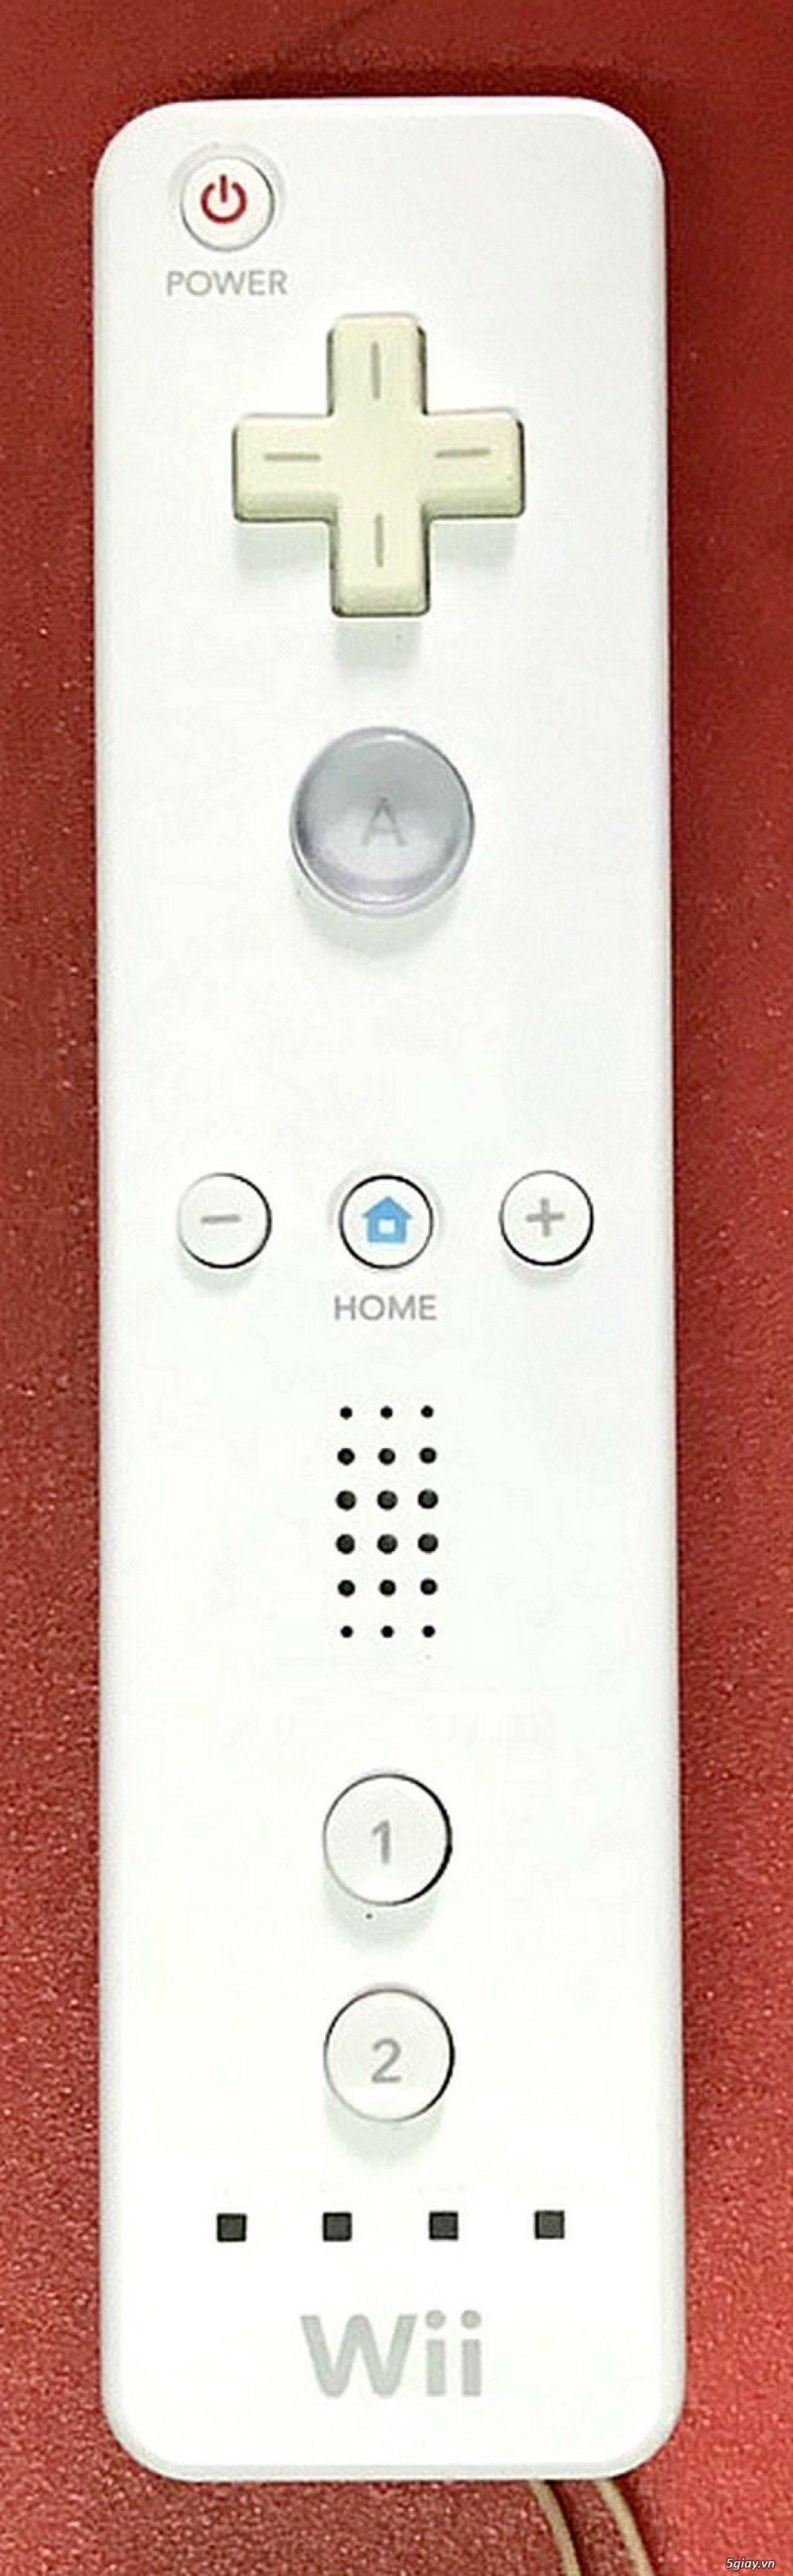 Bộ remote + Nunchuk cho Wii, Adaptor XBOX nhiều thứ linh kiện update thường xuyên... - 1